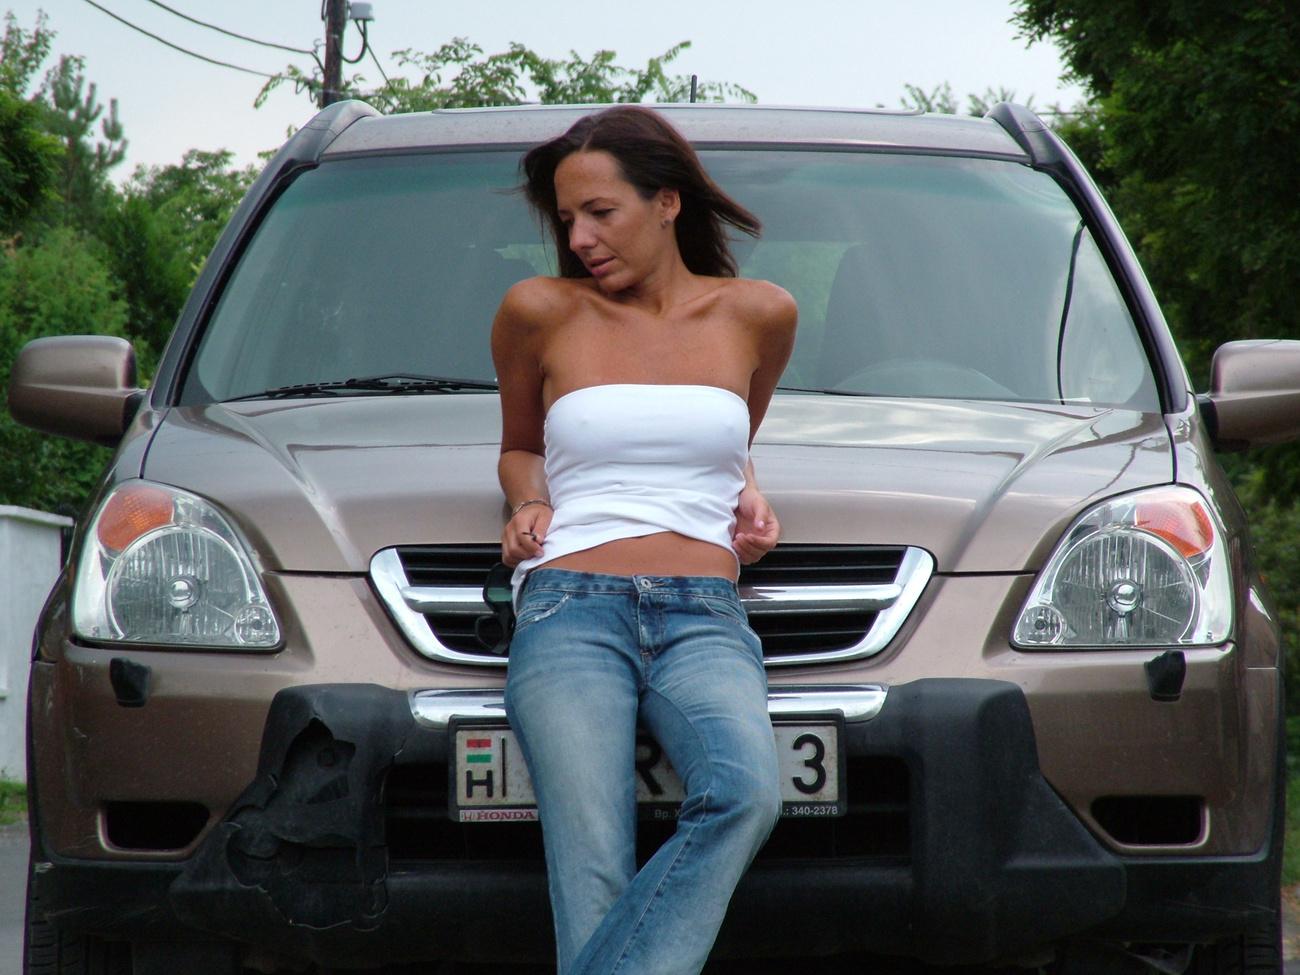 Marci még fiatal, nem csoda, hogy nyúzza a kis Suzukit